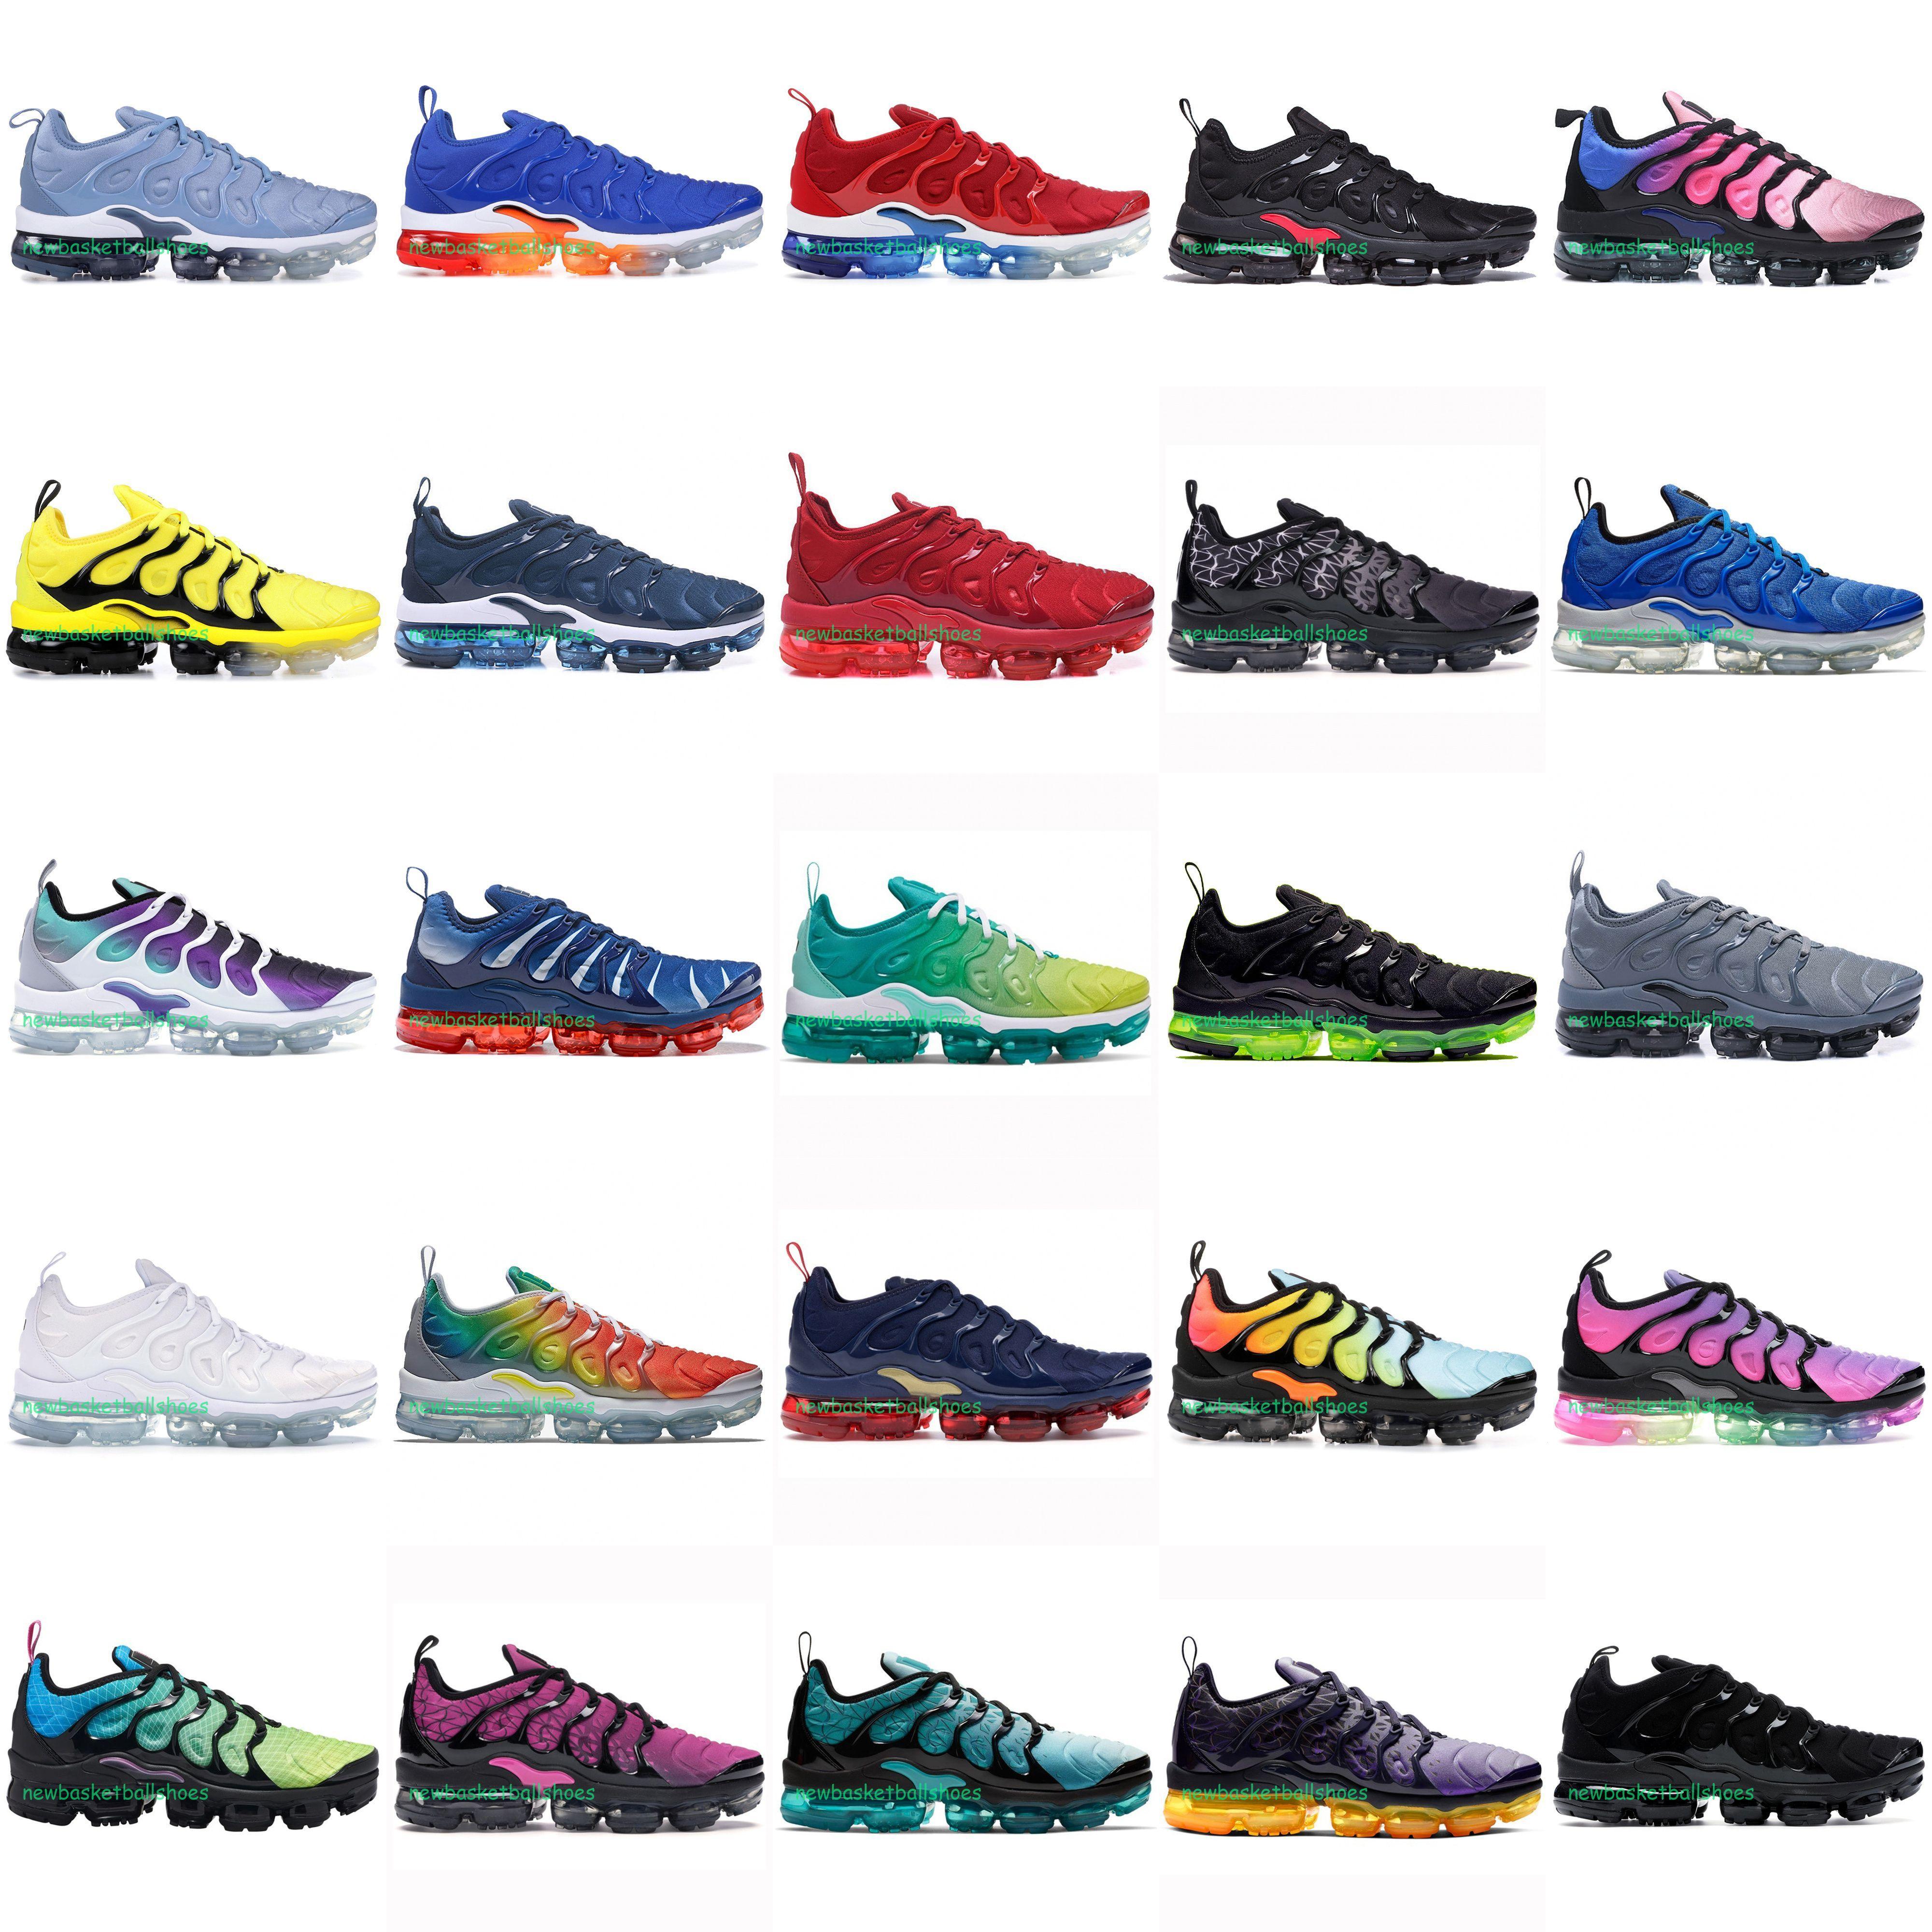 2020 Universidad azul TN Plus Racer rojo de las mujeres zapatos para hombre deportes corrientes de diseño Espíritu Teal geométricas activo del arco iris de los hombres zapatillas de deporte Trainer